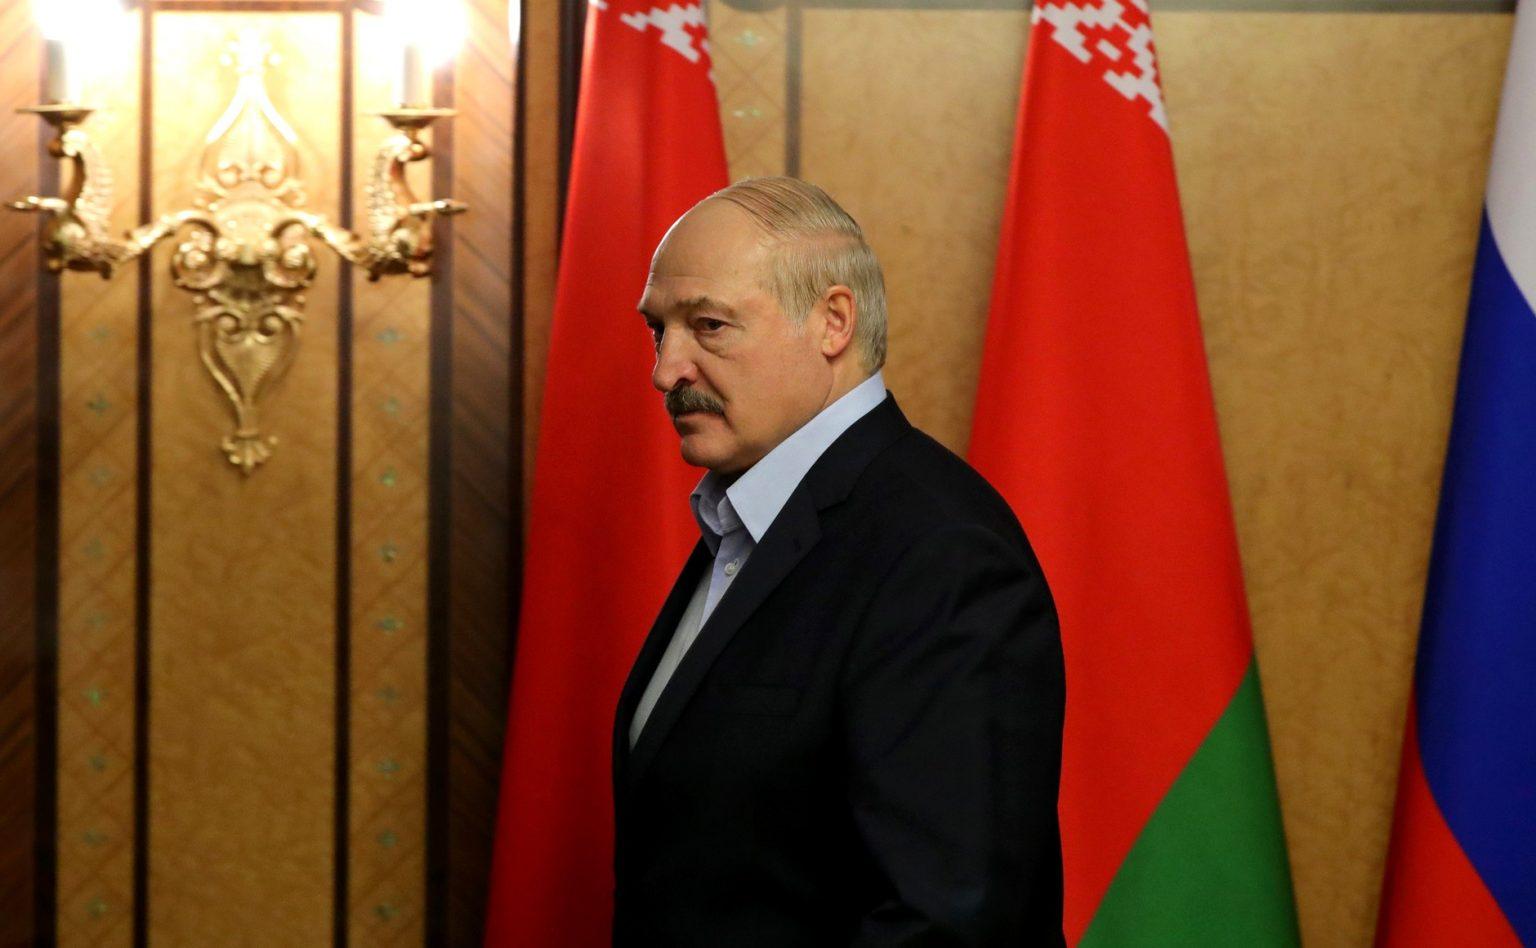 Лукашенко распорядился в отместку сократить белорусский экспорт в Россию